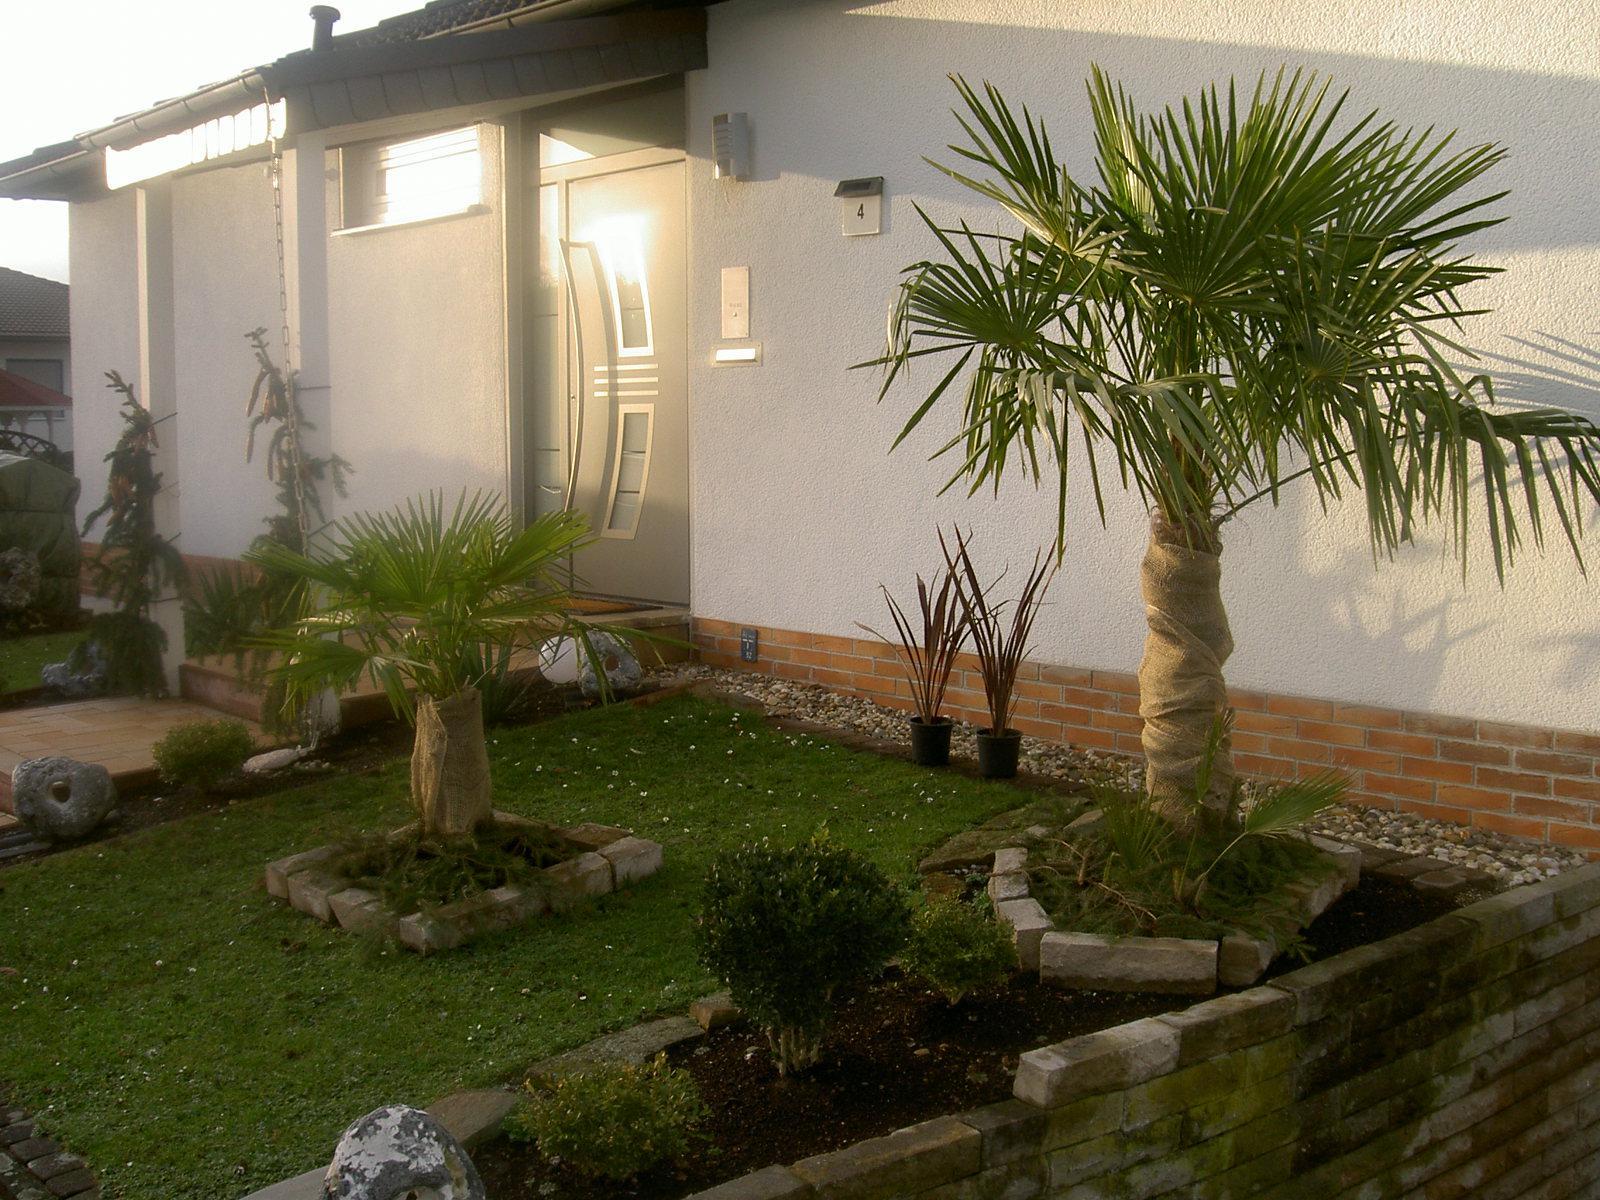 palmen und co soll ich bepflanzen und wenn wie. Black Bedroom Furniture Sets. Home Design Ideas